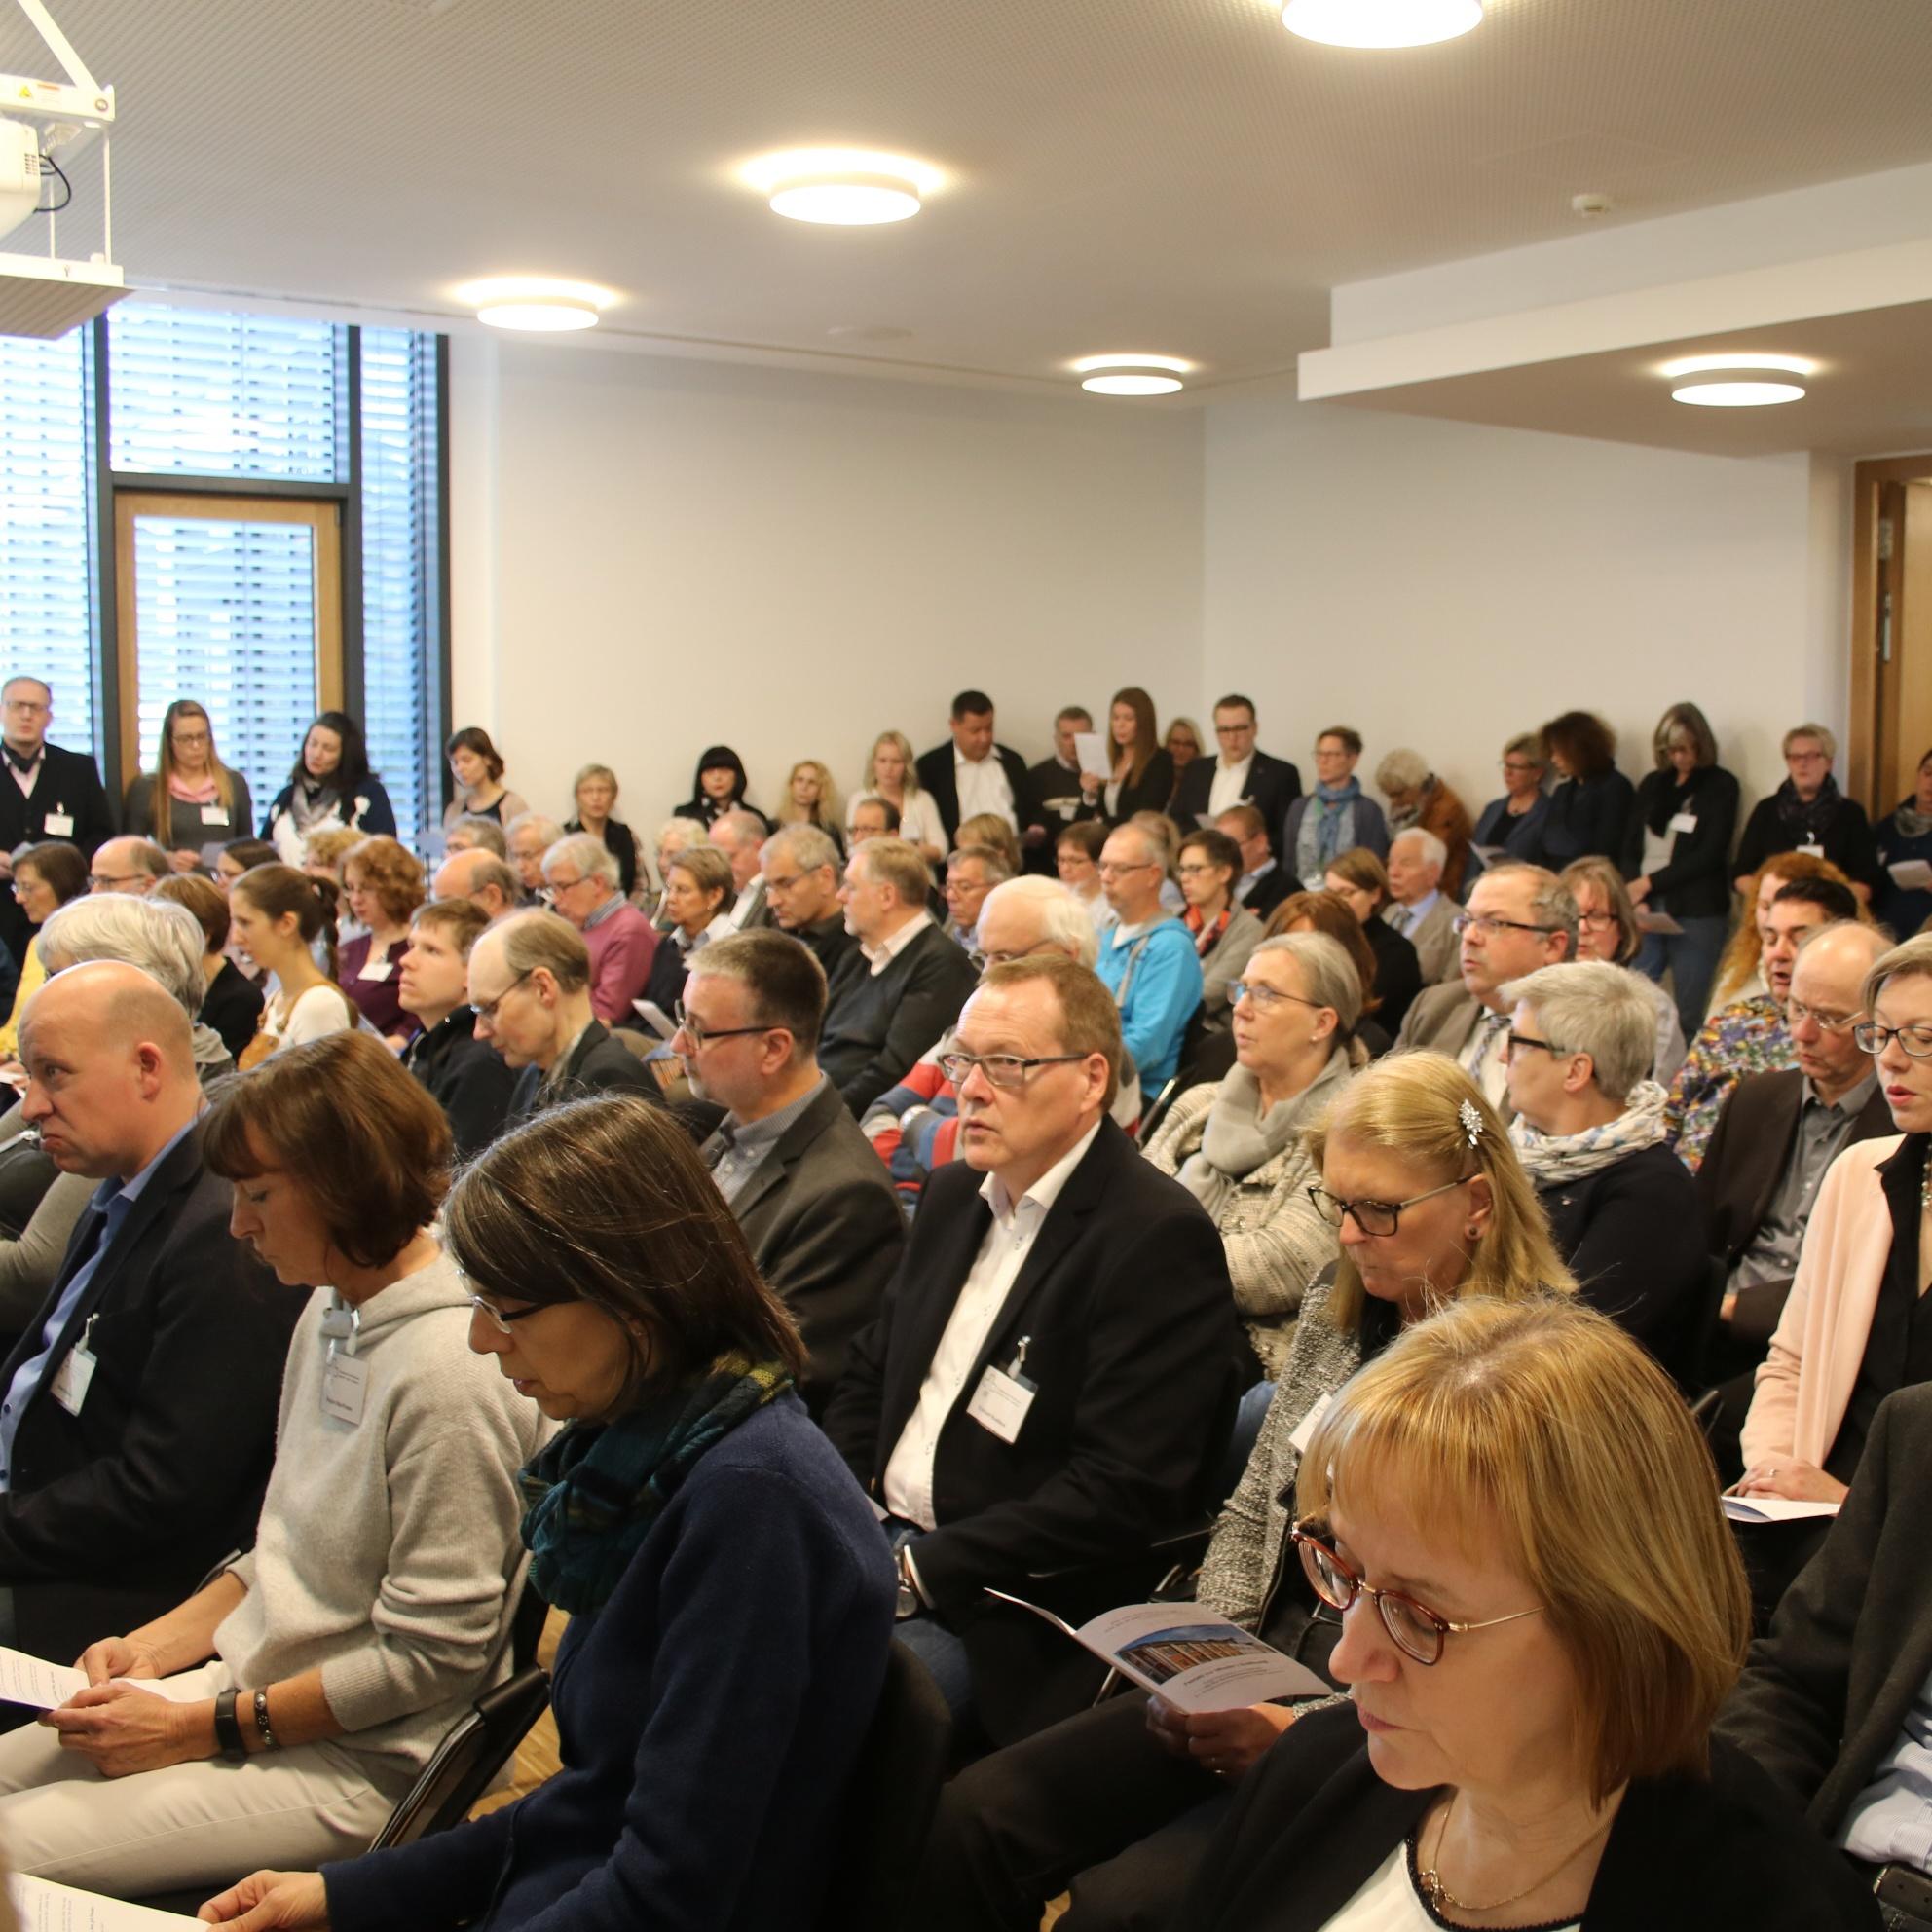 Bilderschau Festakt zur Eröffnung des Evangelischen Kreiskirchenamts Güterloh-Halle-Paderborn (EKKA)